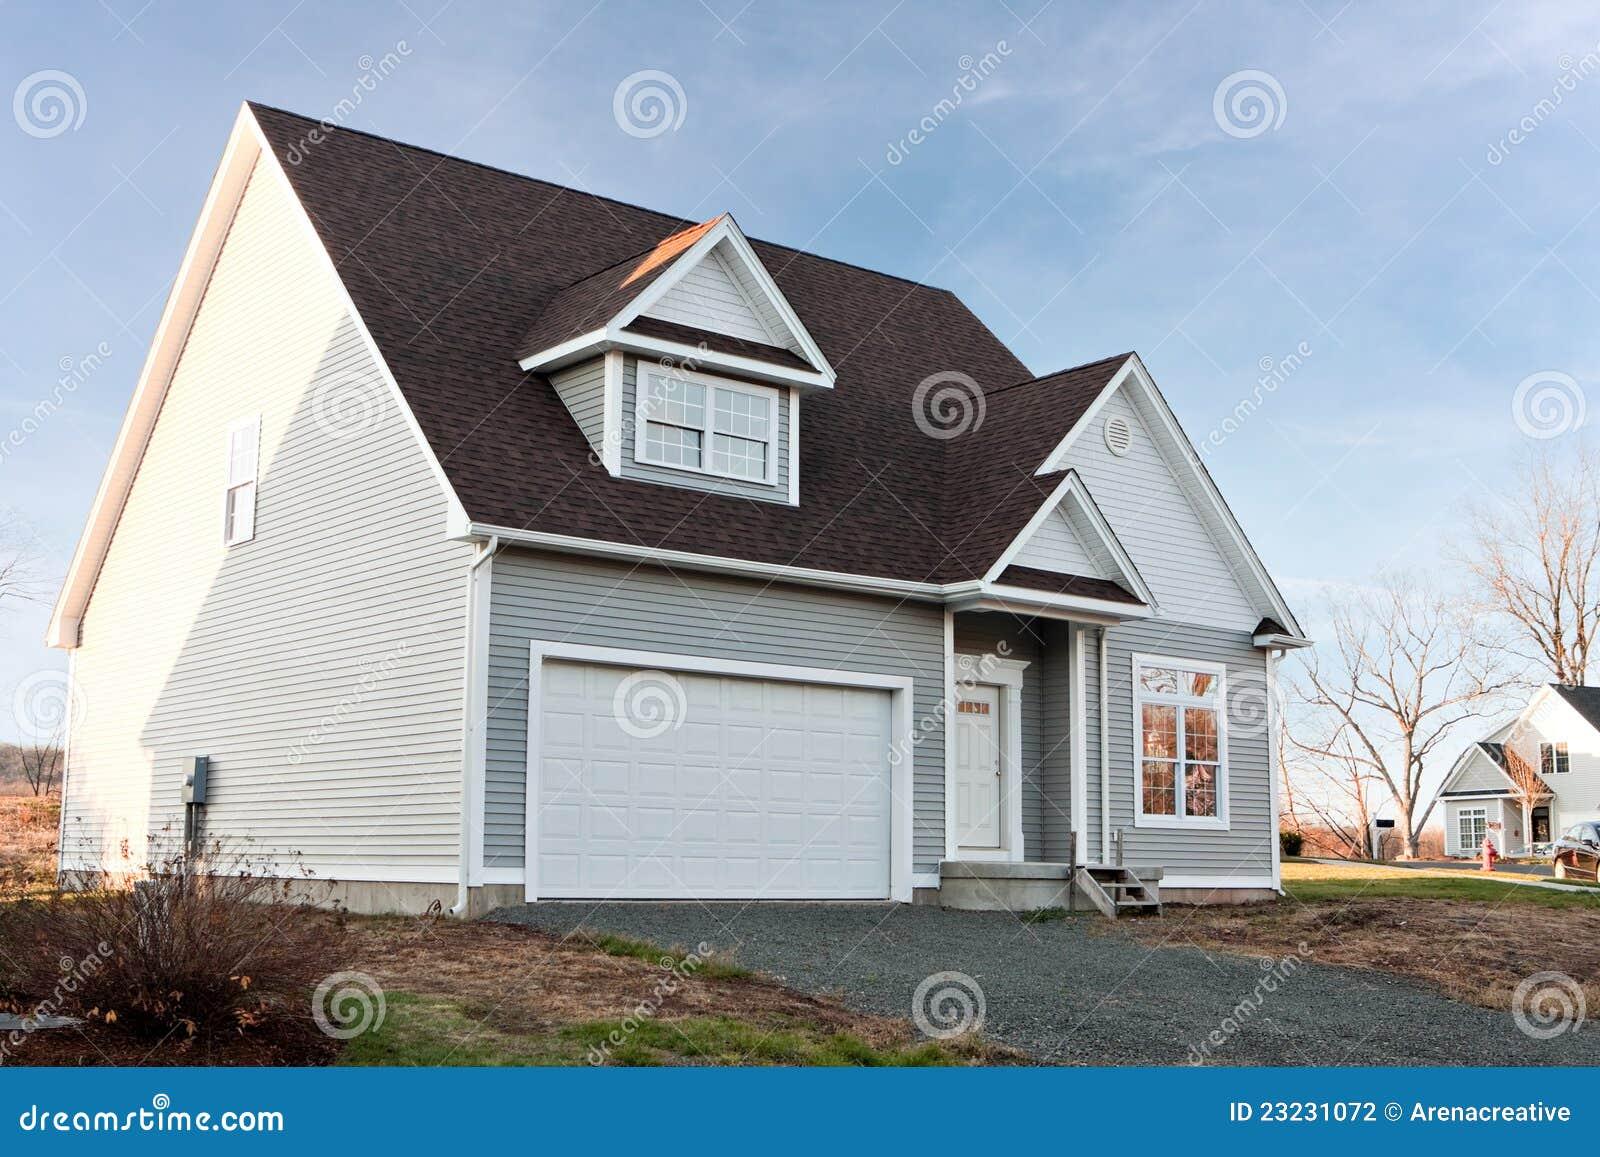 Neues Haus Mit Der 2 Auto-Garage Stockfoto - Bild von nett ...